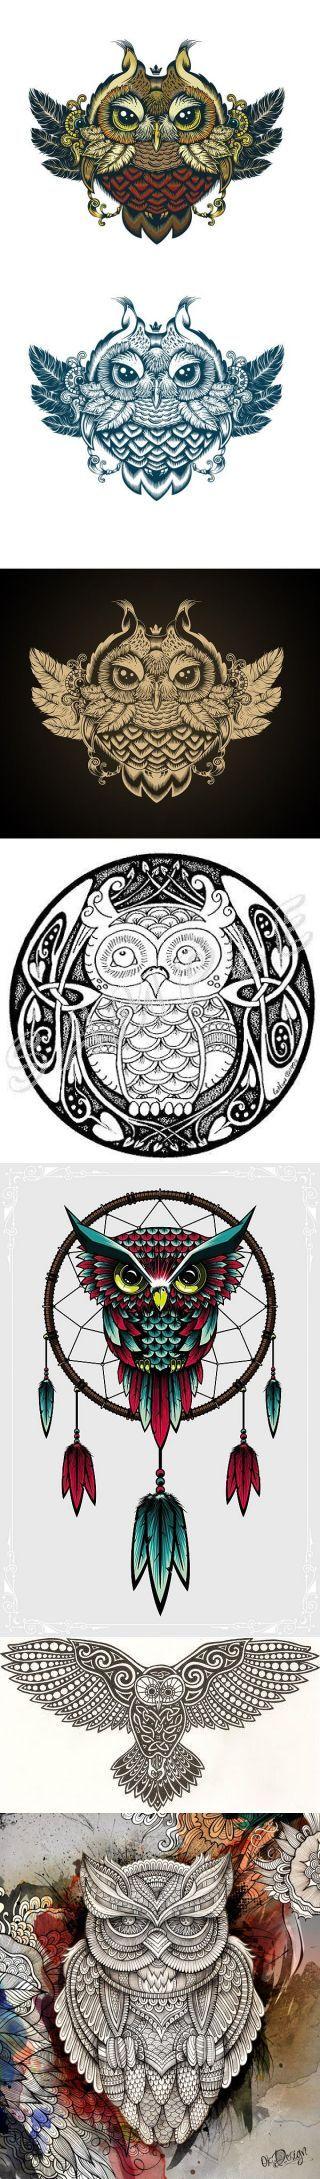 Графика. Совушка-сова. Owl Zentangle Doodle